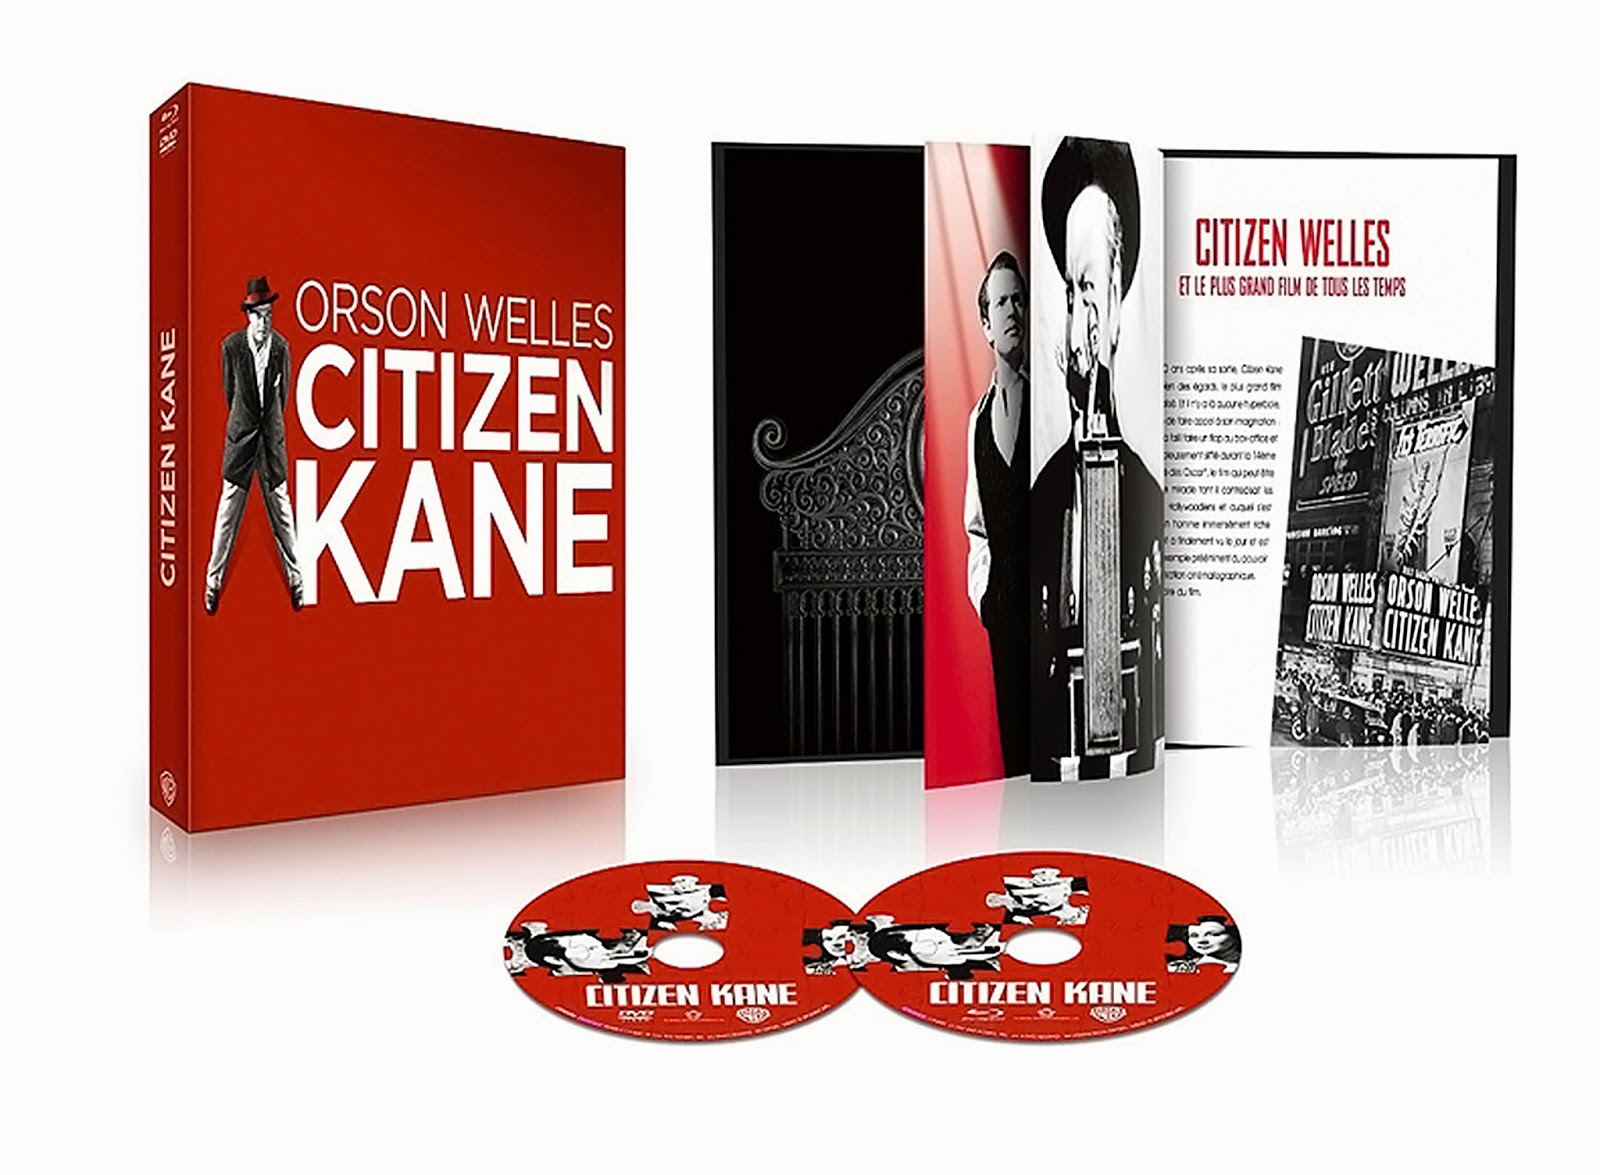 TCM Cinéma - Visuel Concours 4 CITIZEN KANE Cycle Orson Welles - Go with the Blog